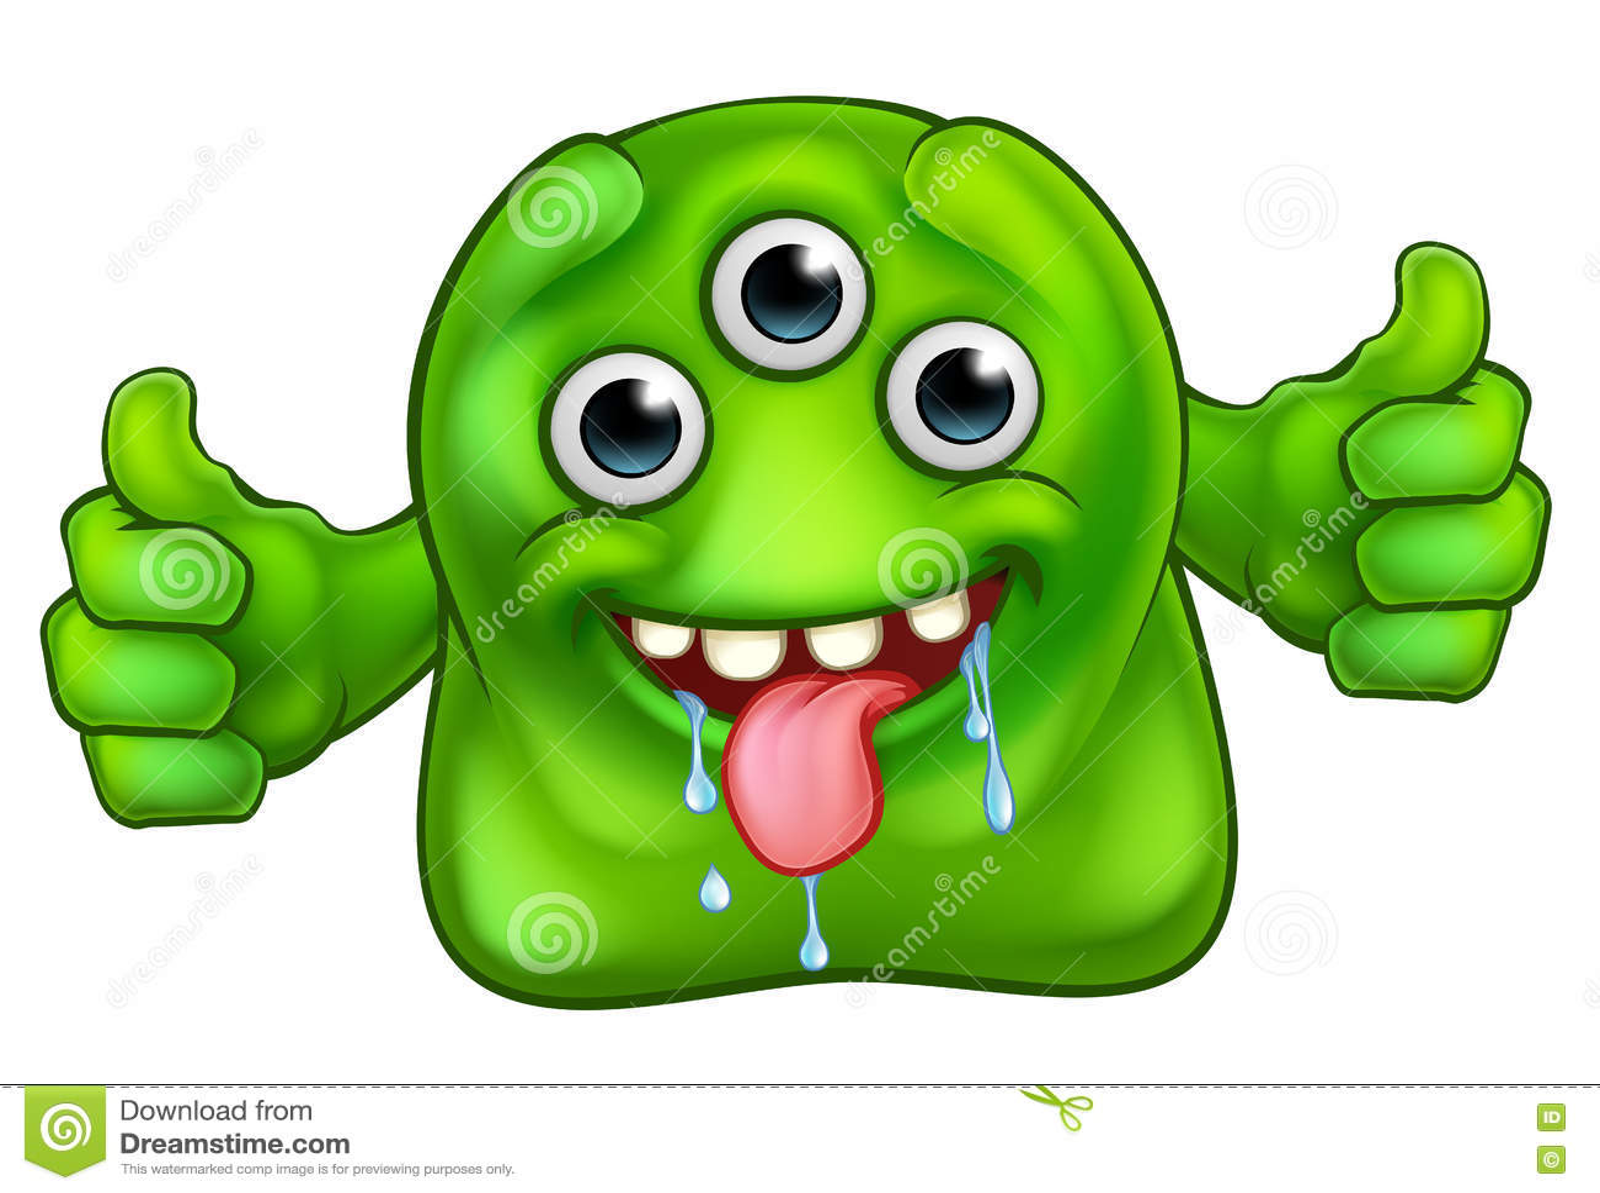 Grünes nettes ausländisches Monster